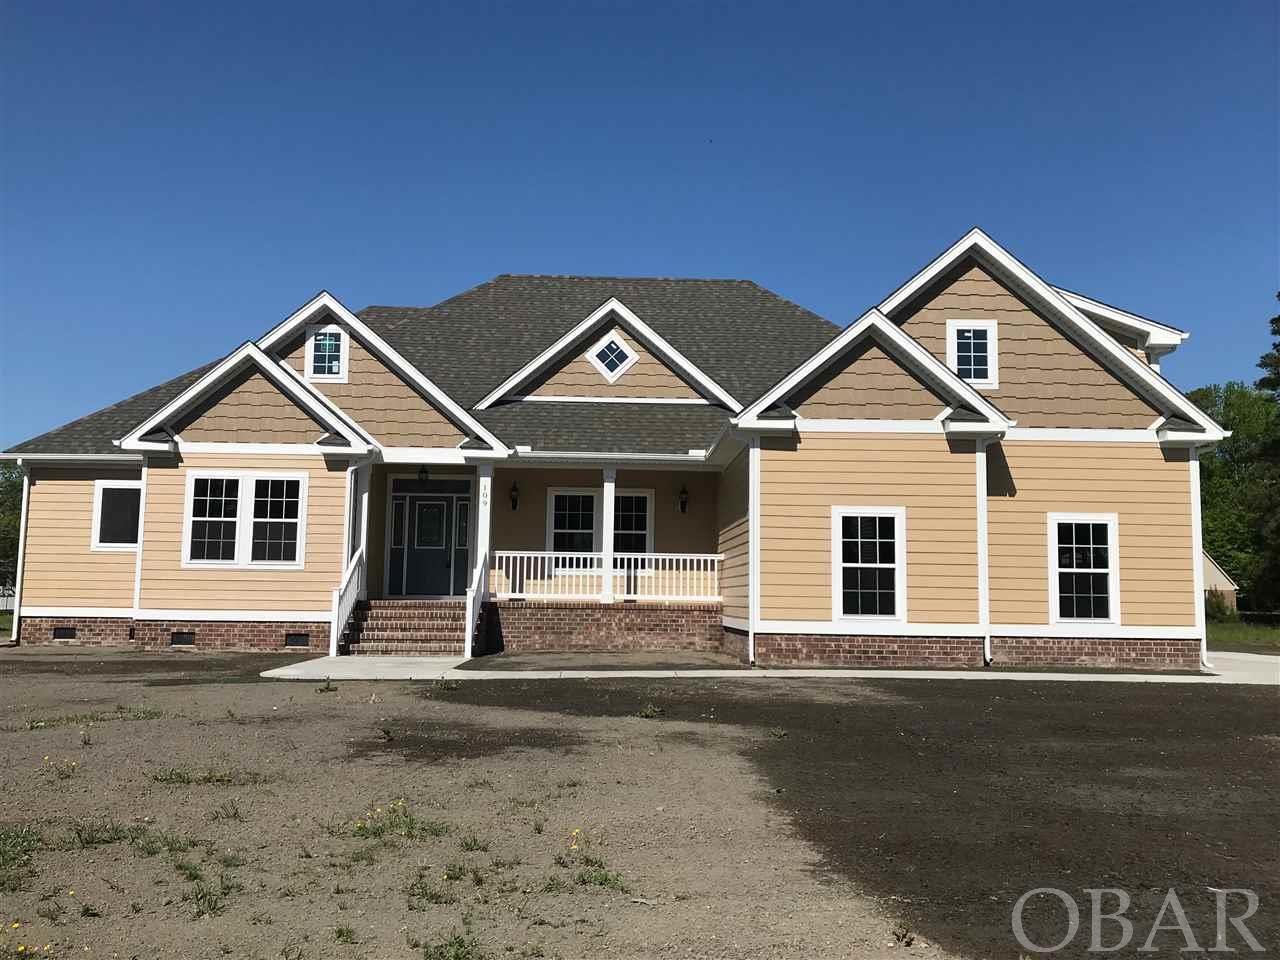 109 Golf Club Drive,Elizabeth City,NC 27909,4 Bedrooms Bedrooms,3 BathroomsBathrooms,Residential,Golf Club Drive,100619